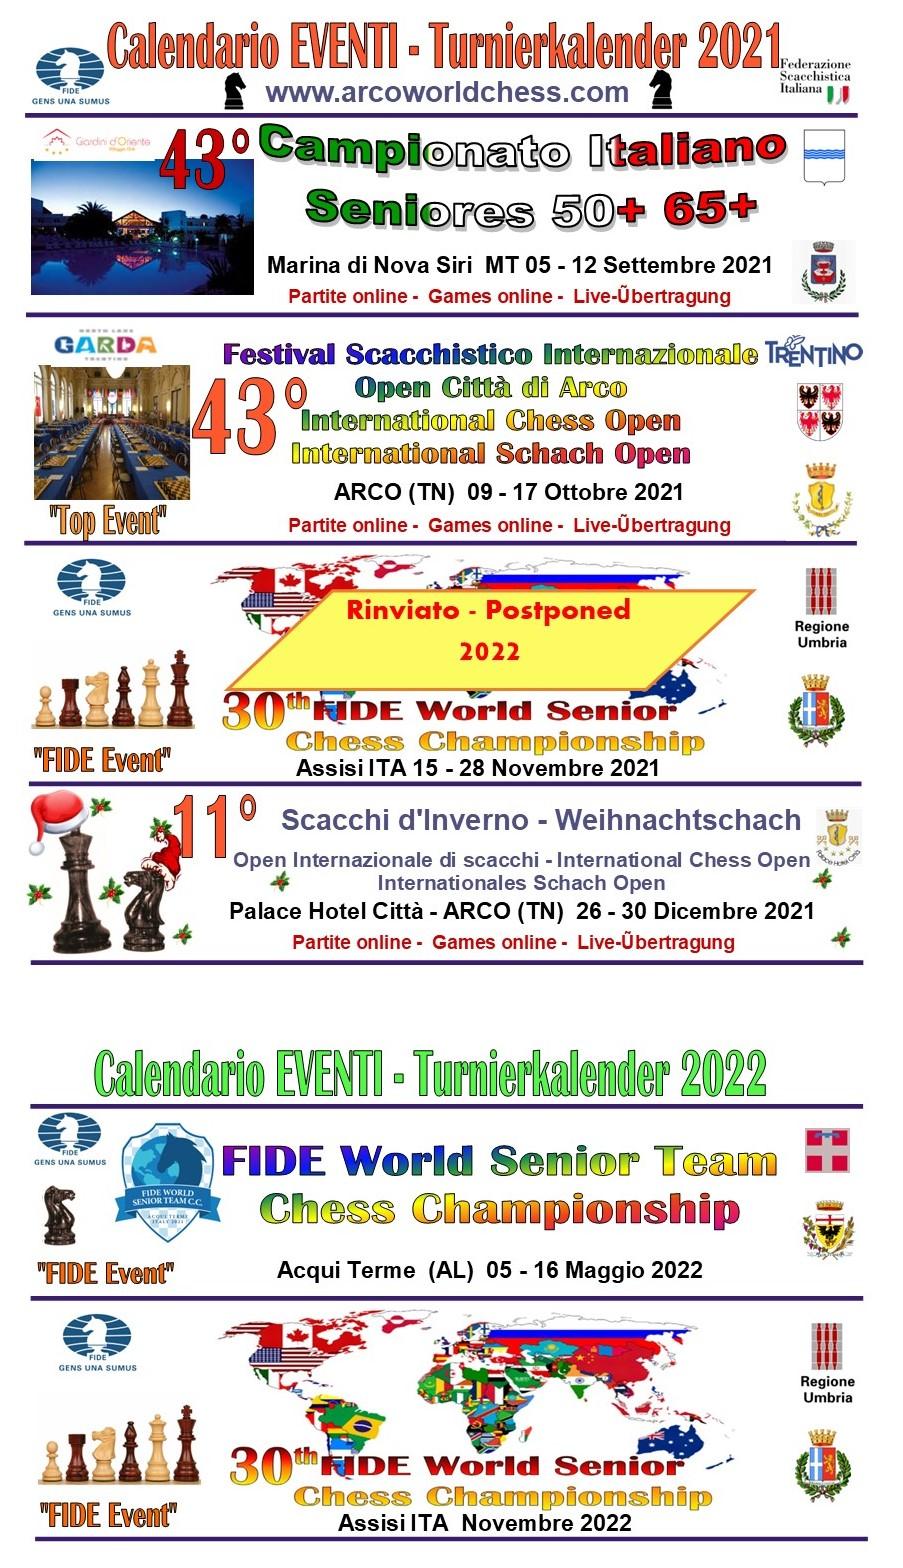 Calendario3 eventi2021 aggiornato